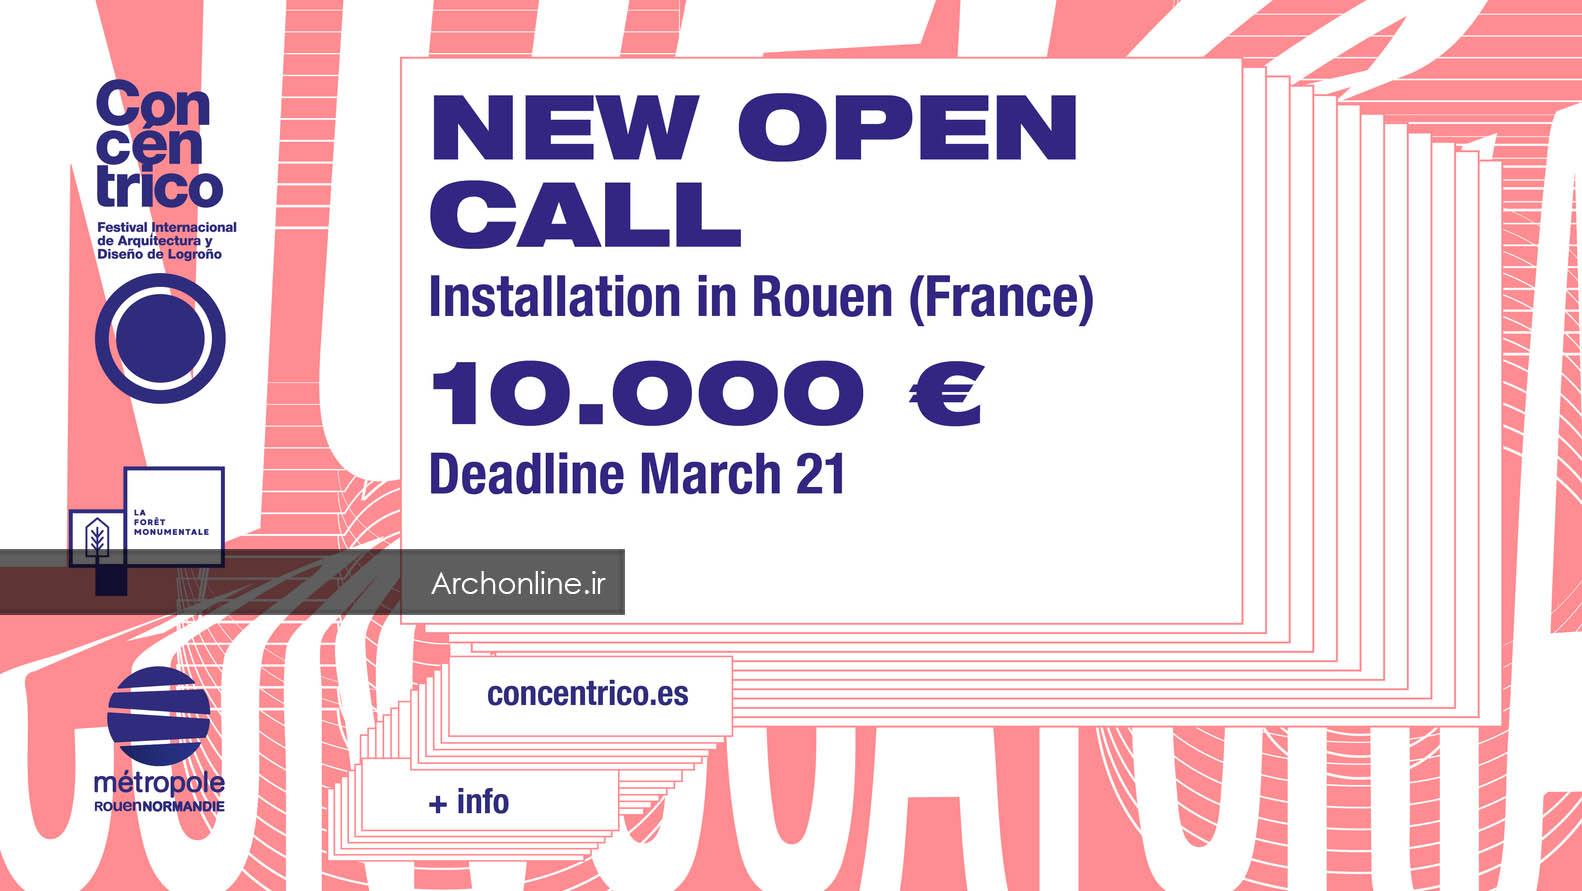 فراخوان طراحی چیدمان در شهر Rouen فرانسه